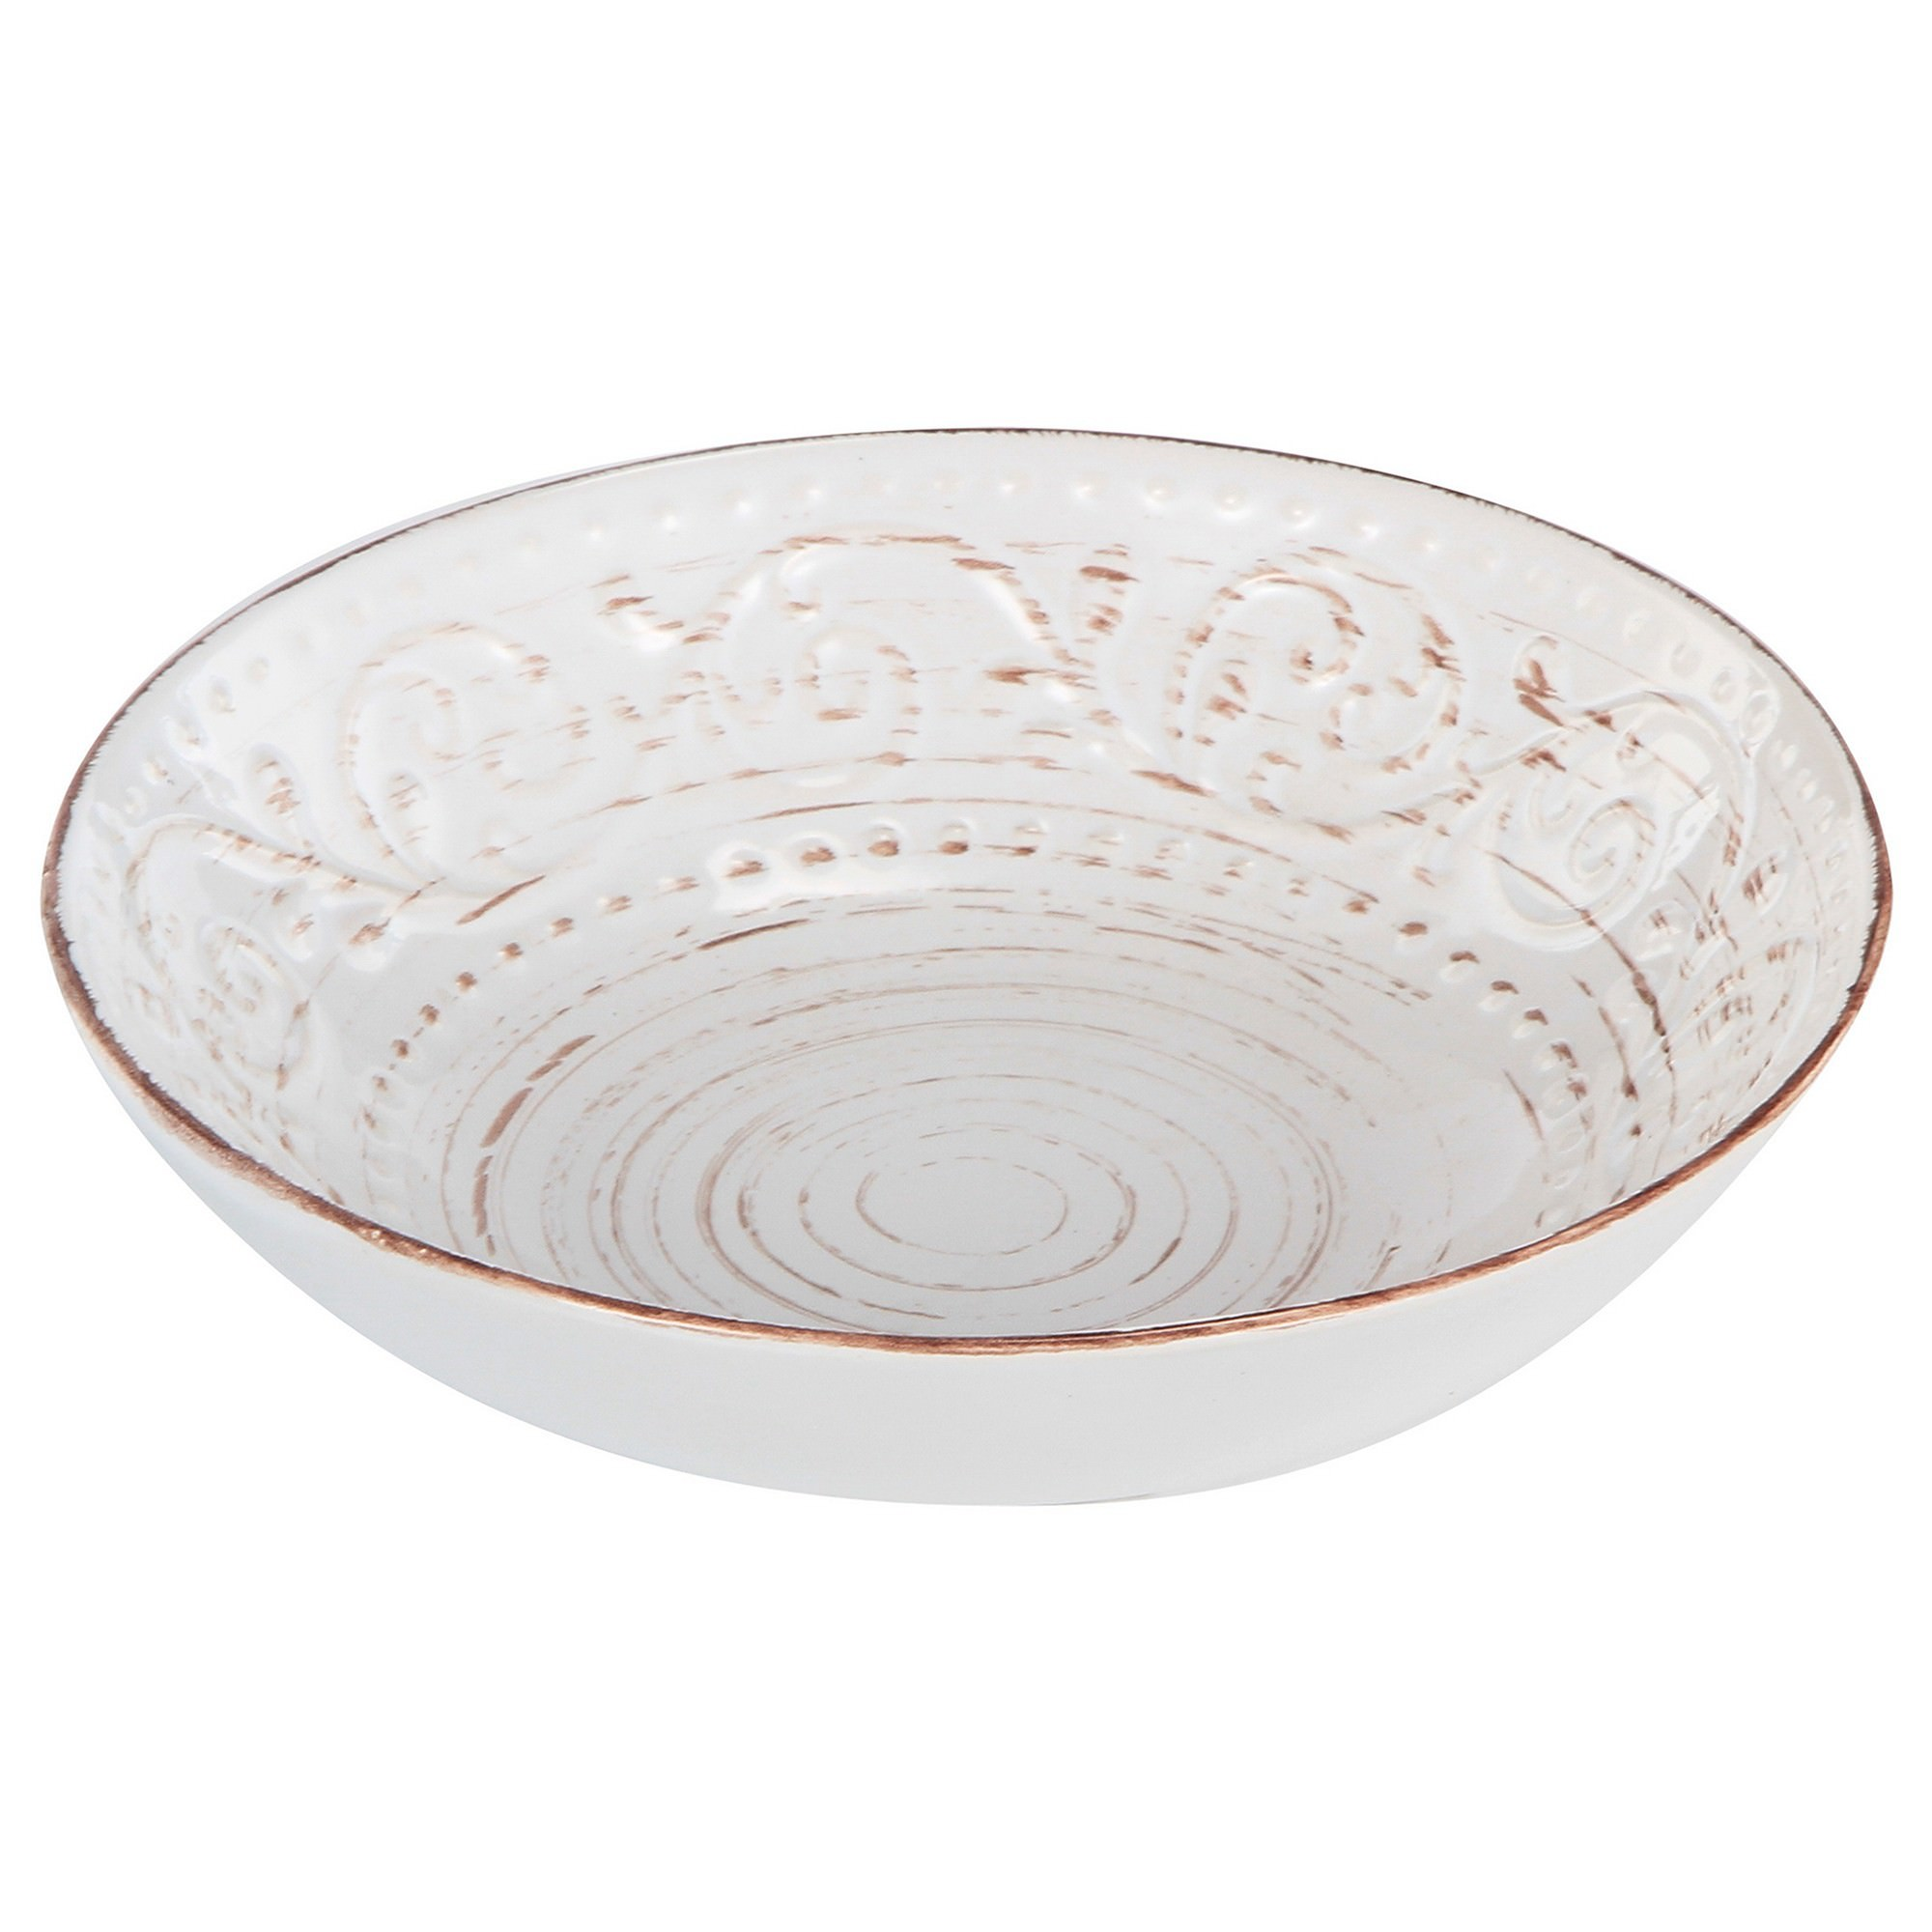 Dane Hill Stoneware Salad Bowl, Cream